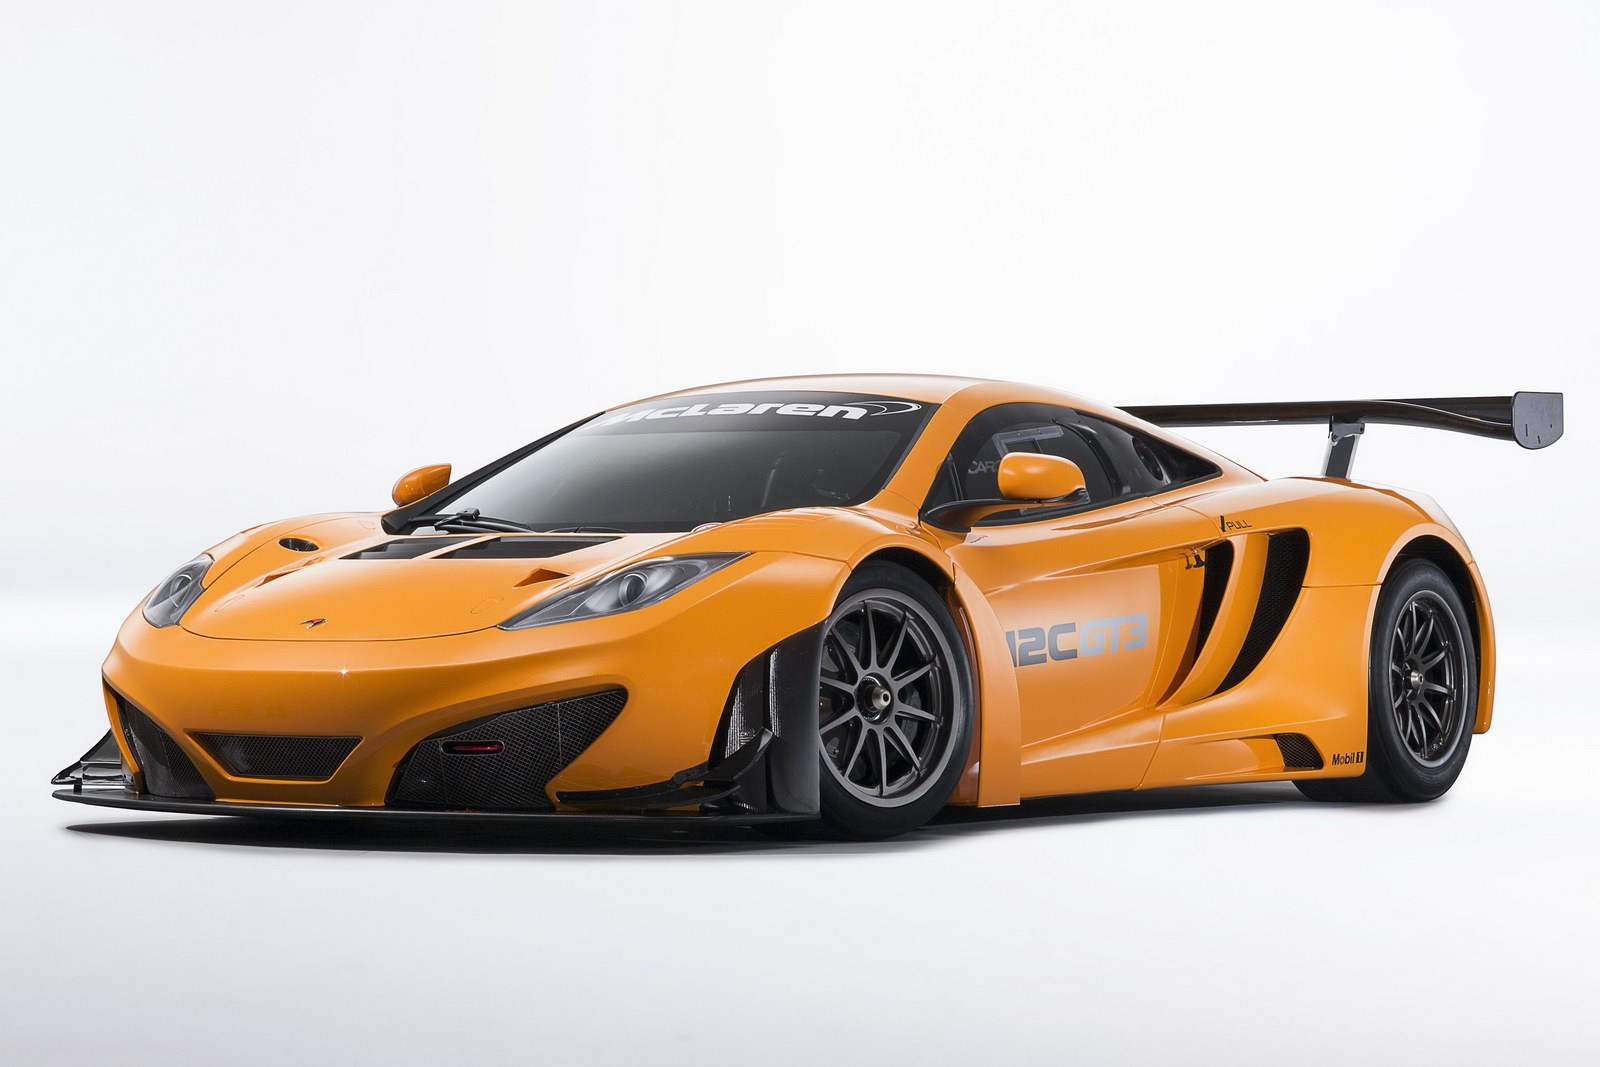 All Car Logos Mclaren Updates Mp4 12c Gt3 Racer For 2013 Wrc